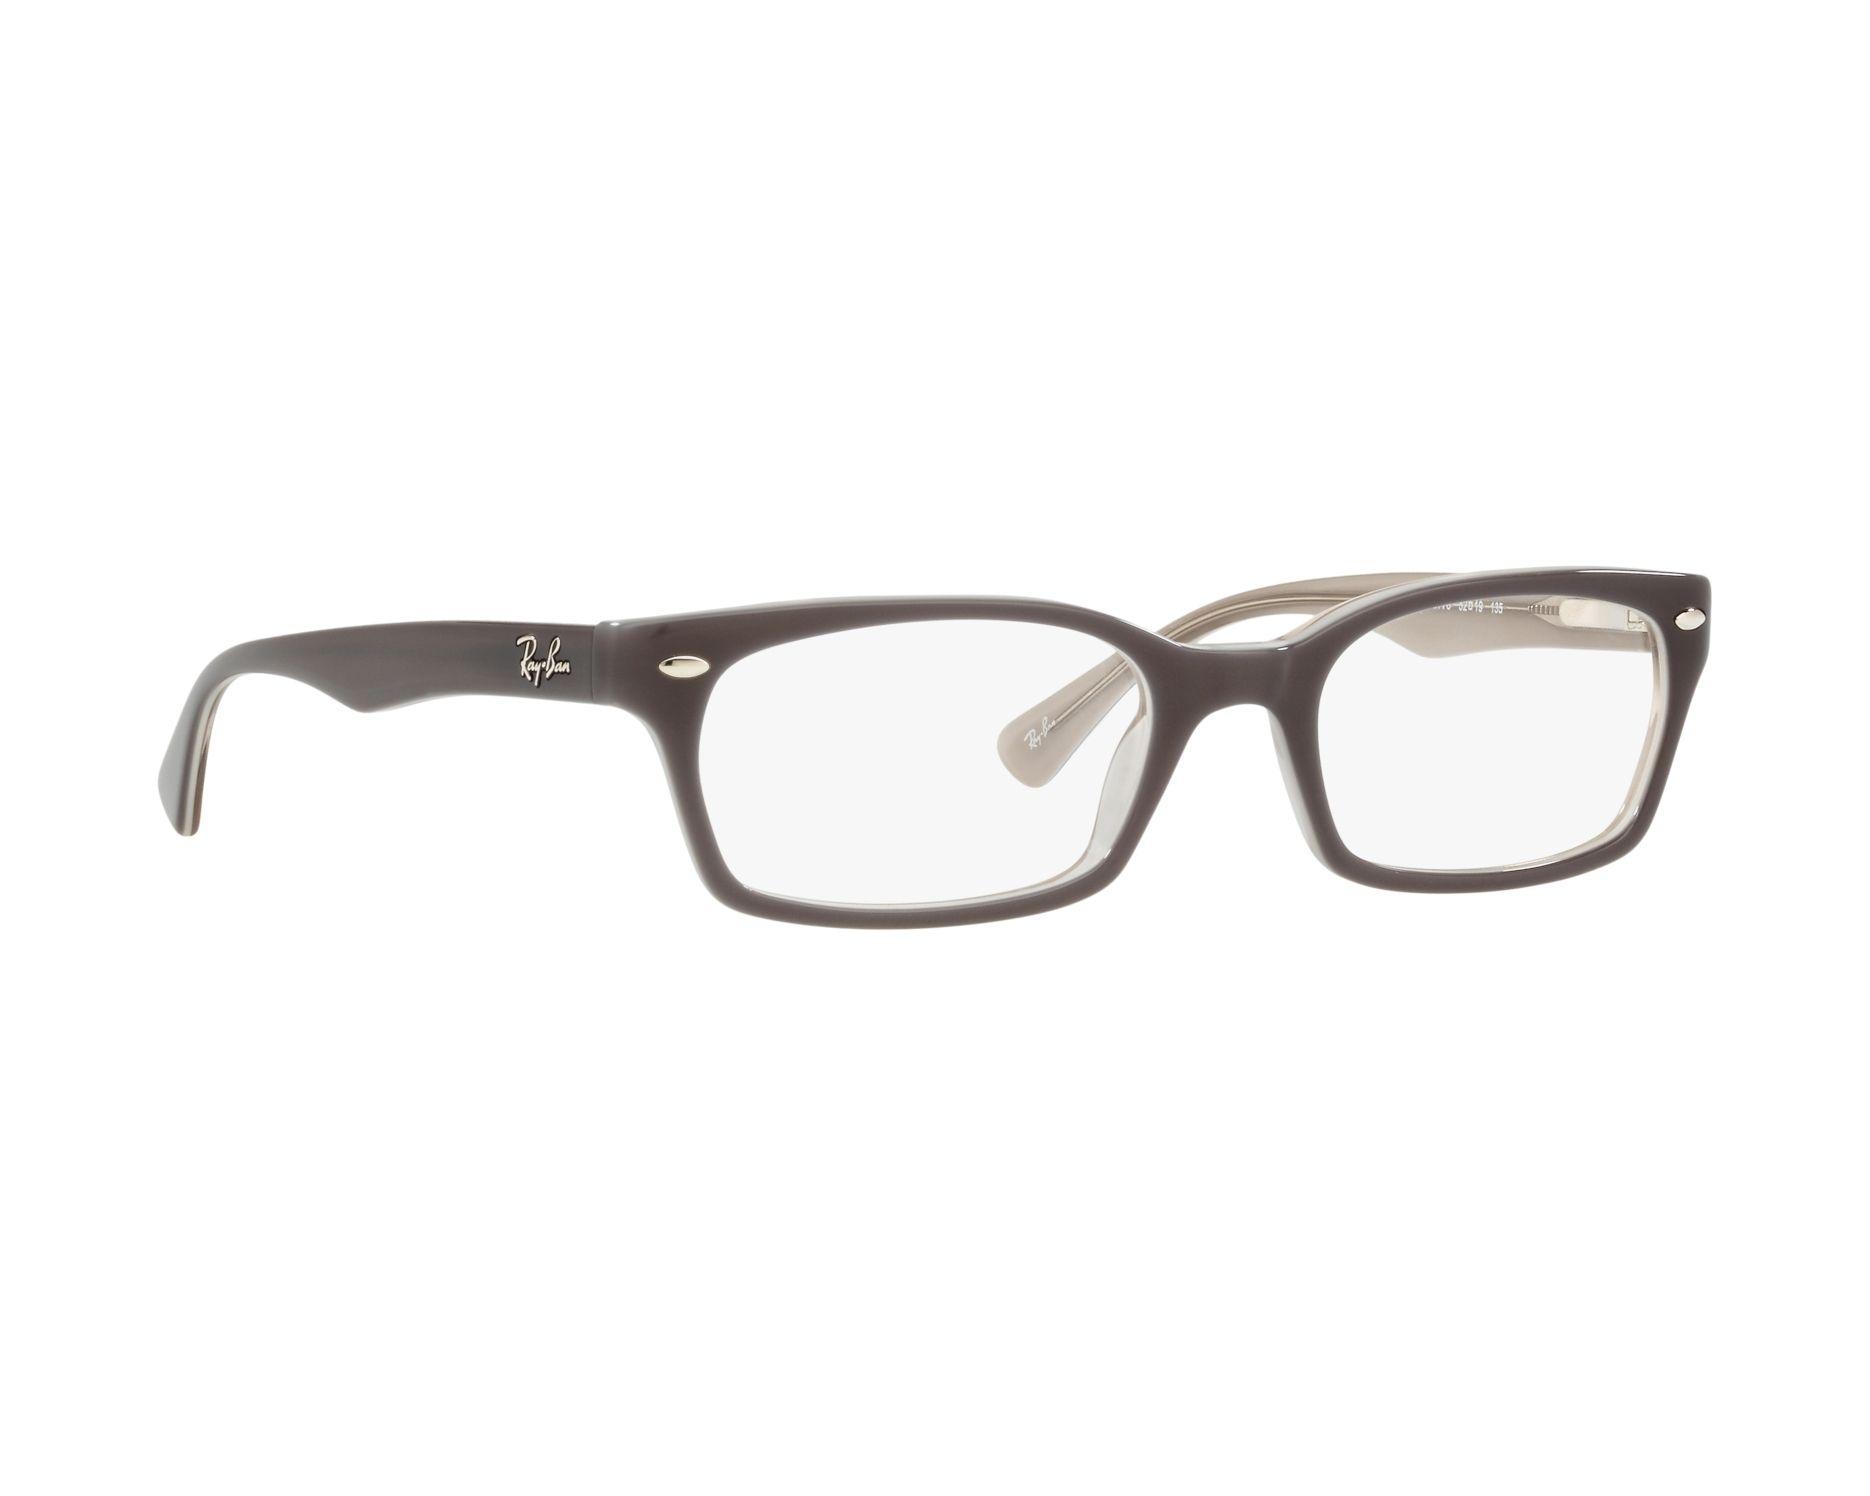 4e1bae42b6 eyeglasses Ray-Ban RX-5150 5778 50-19 Grey Crystal 360 degree view